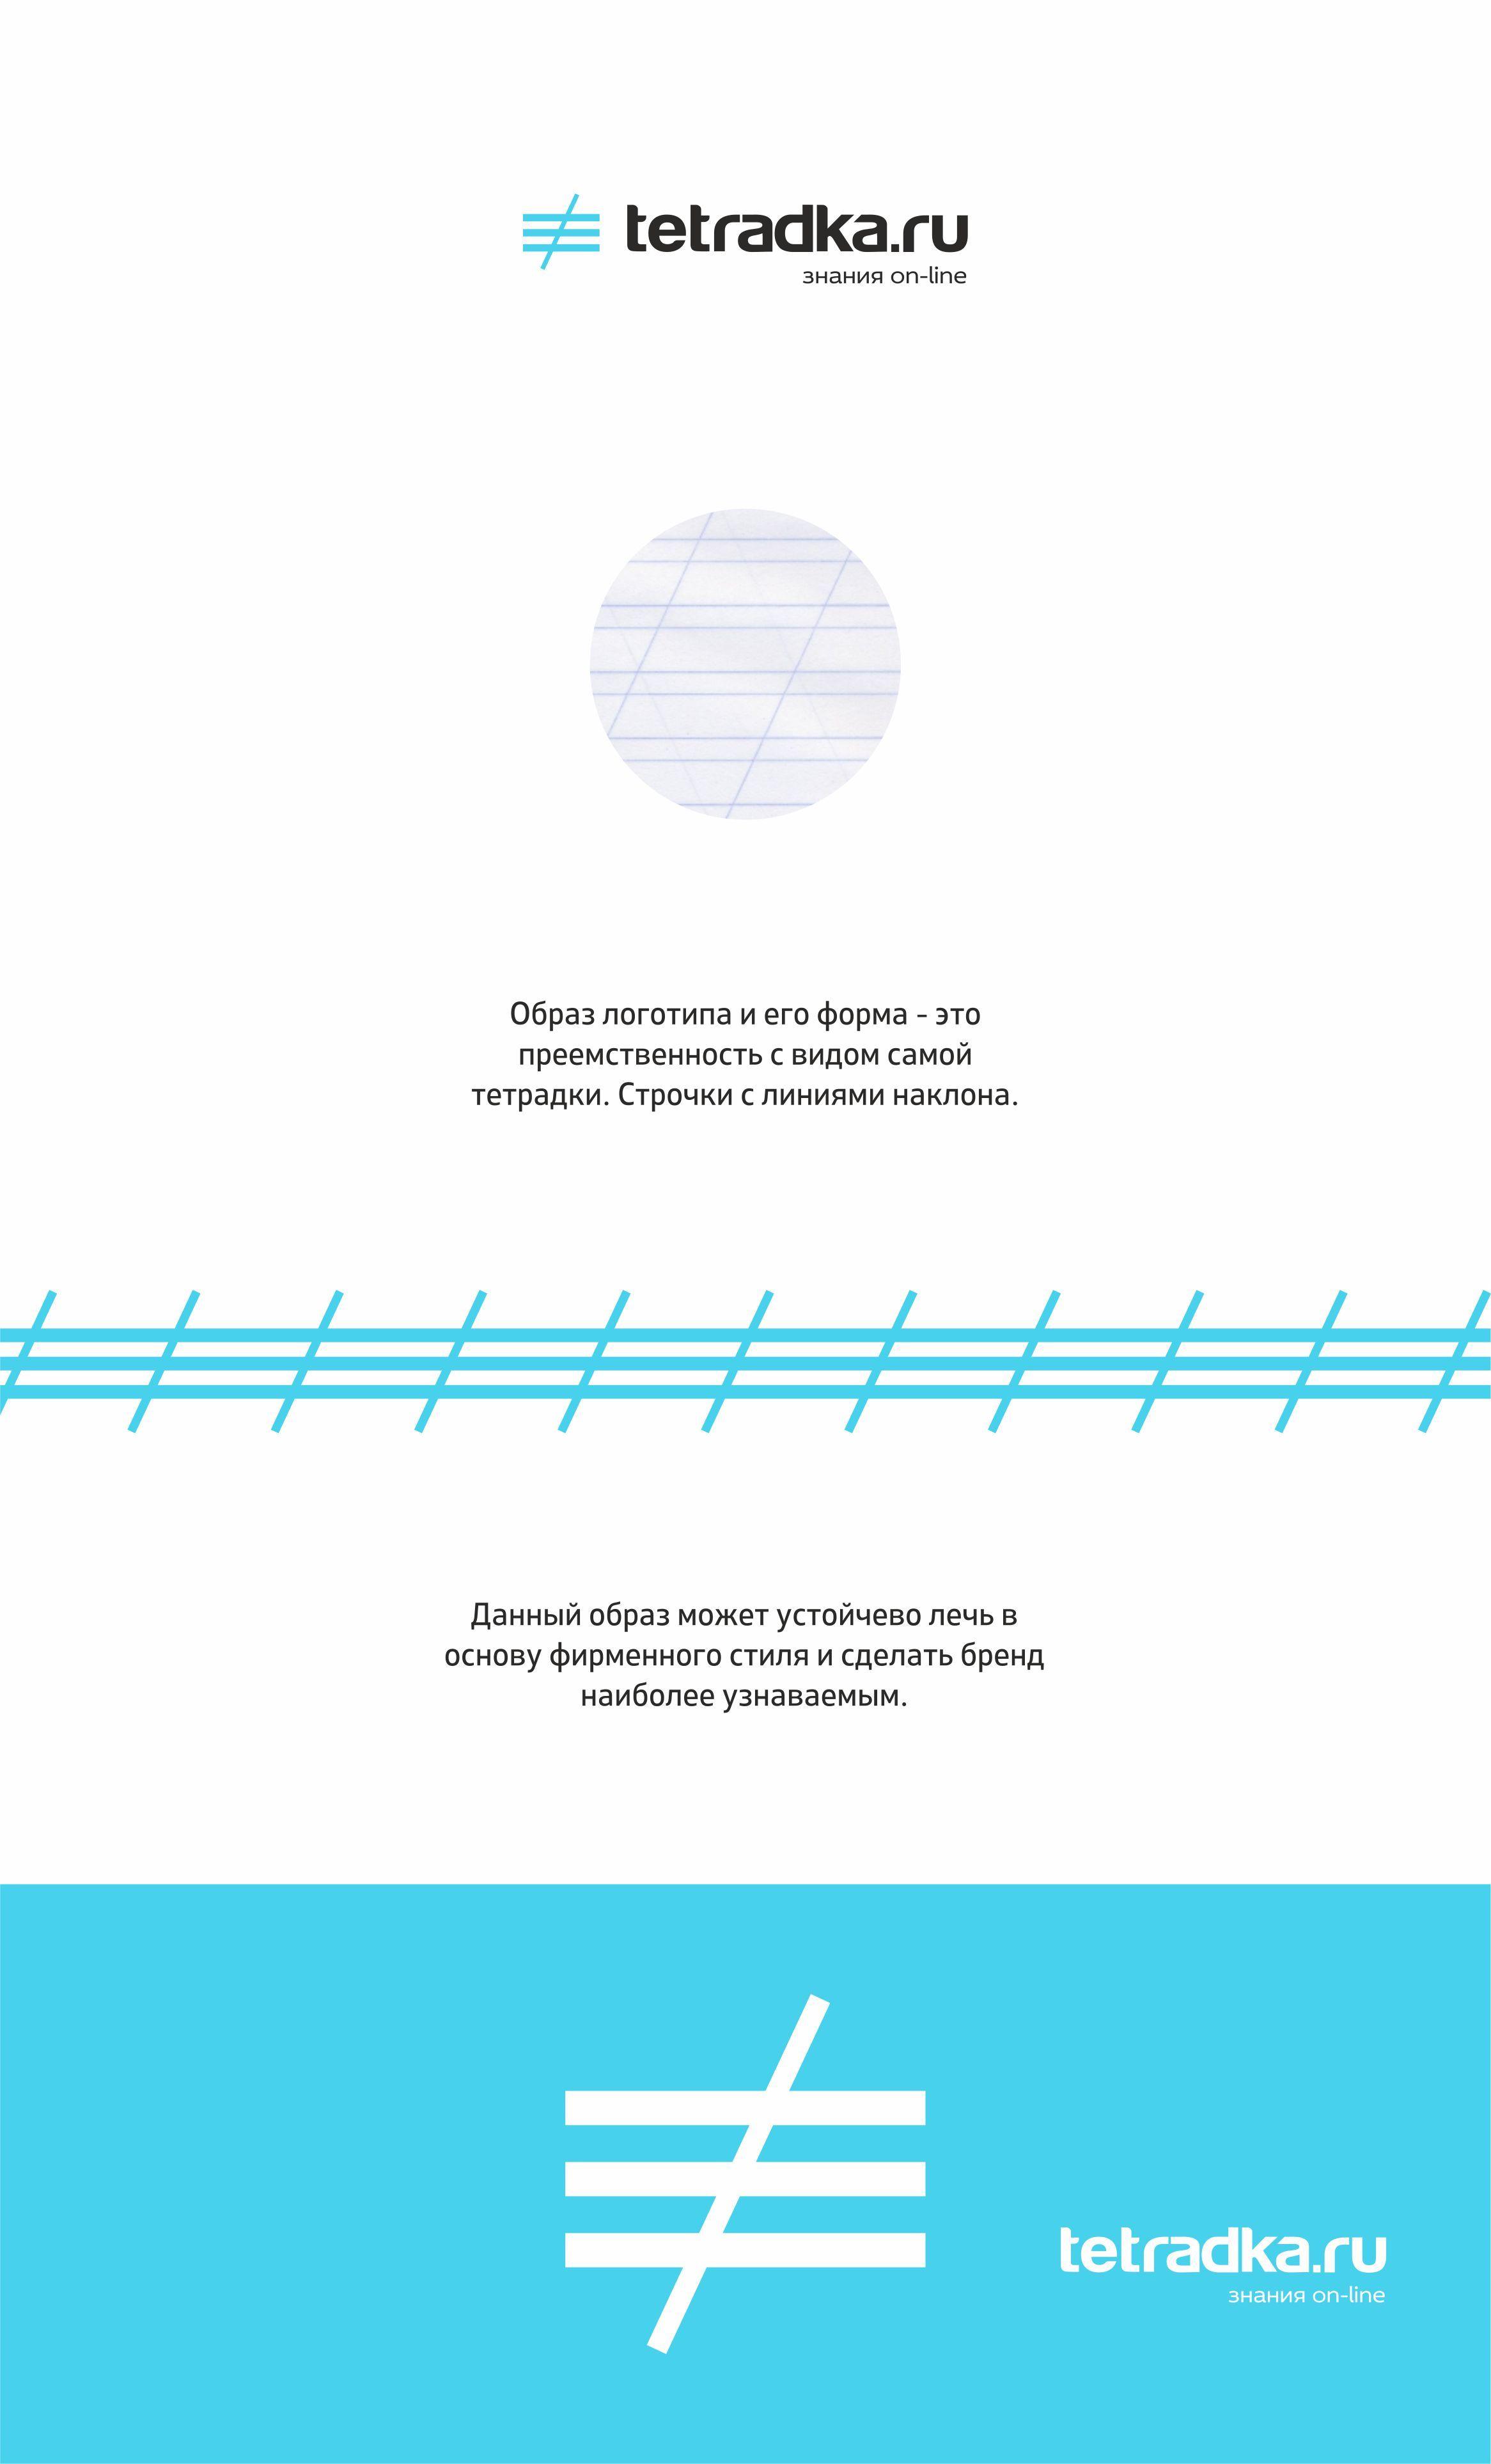 Логотип для образовательной сети tetradka.ru - дизайнер Dirty_PR